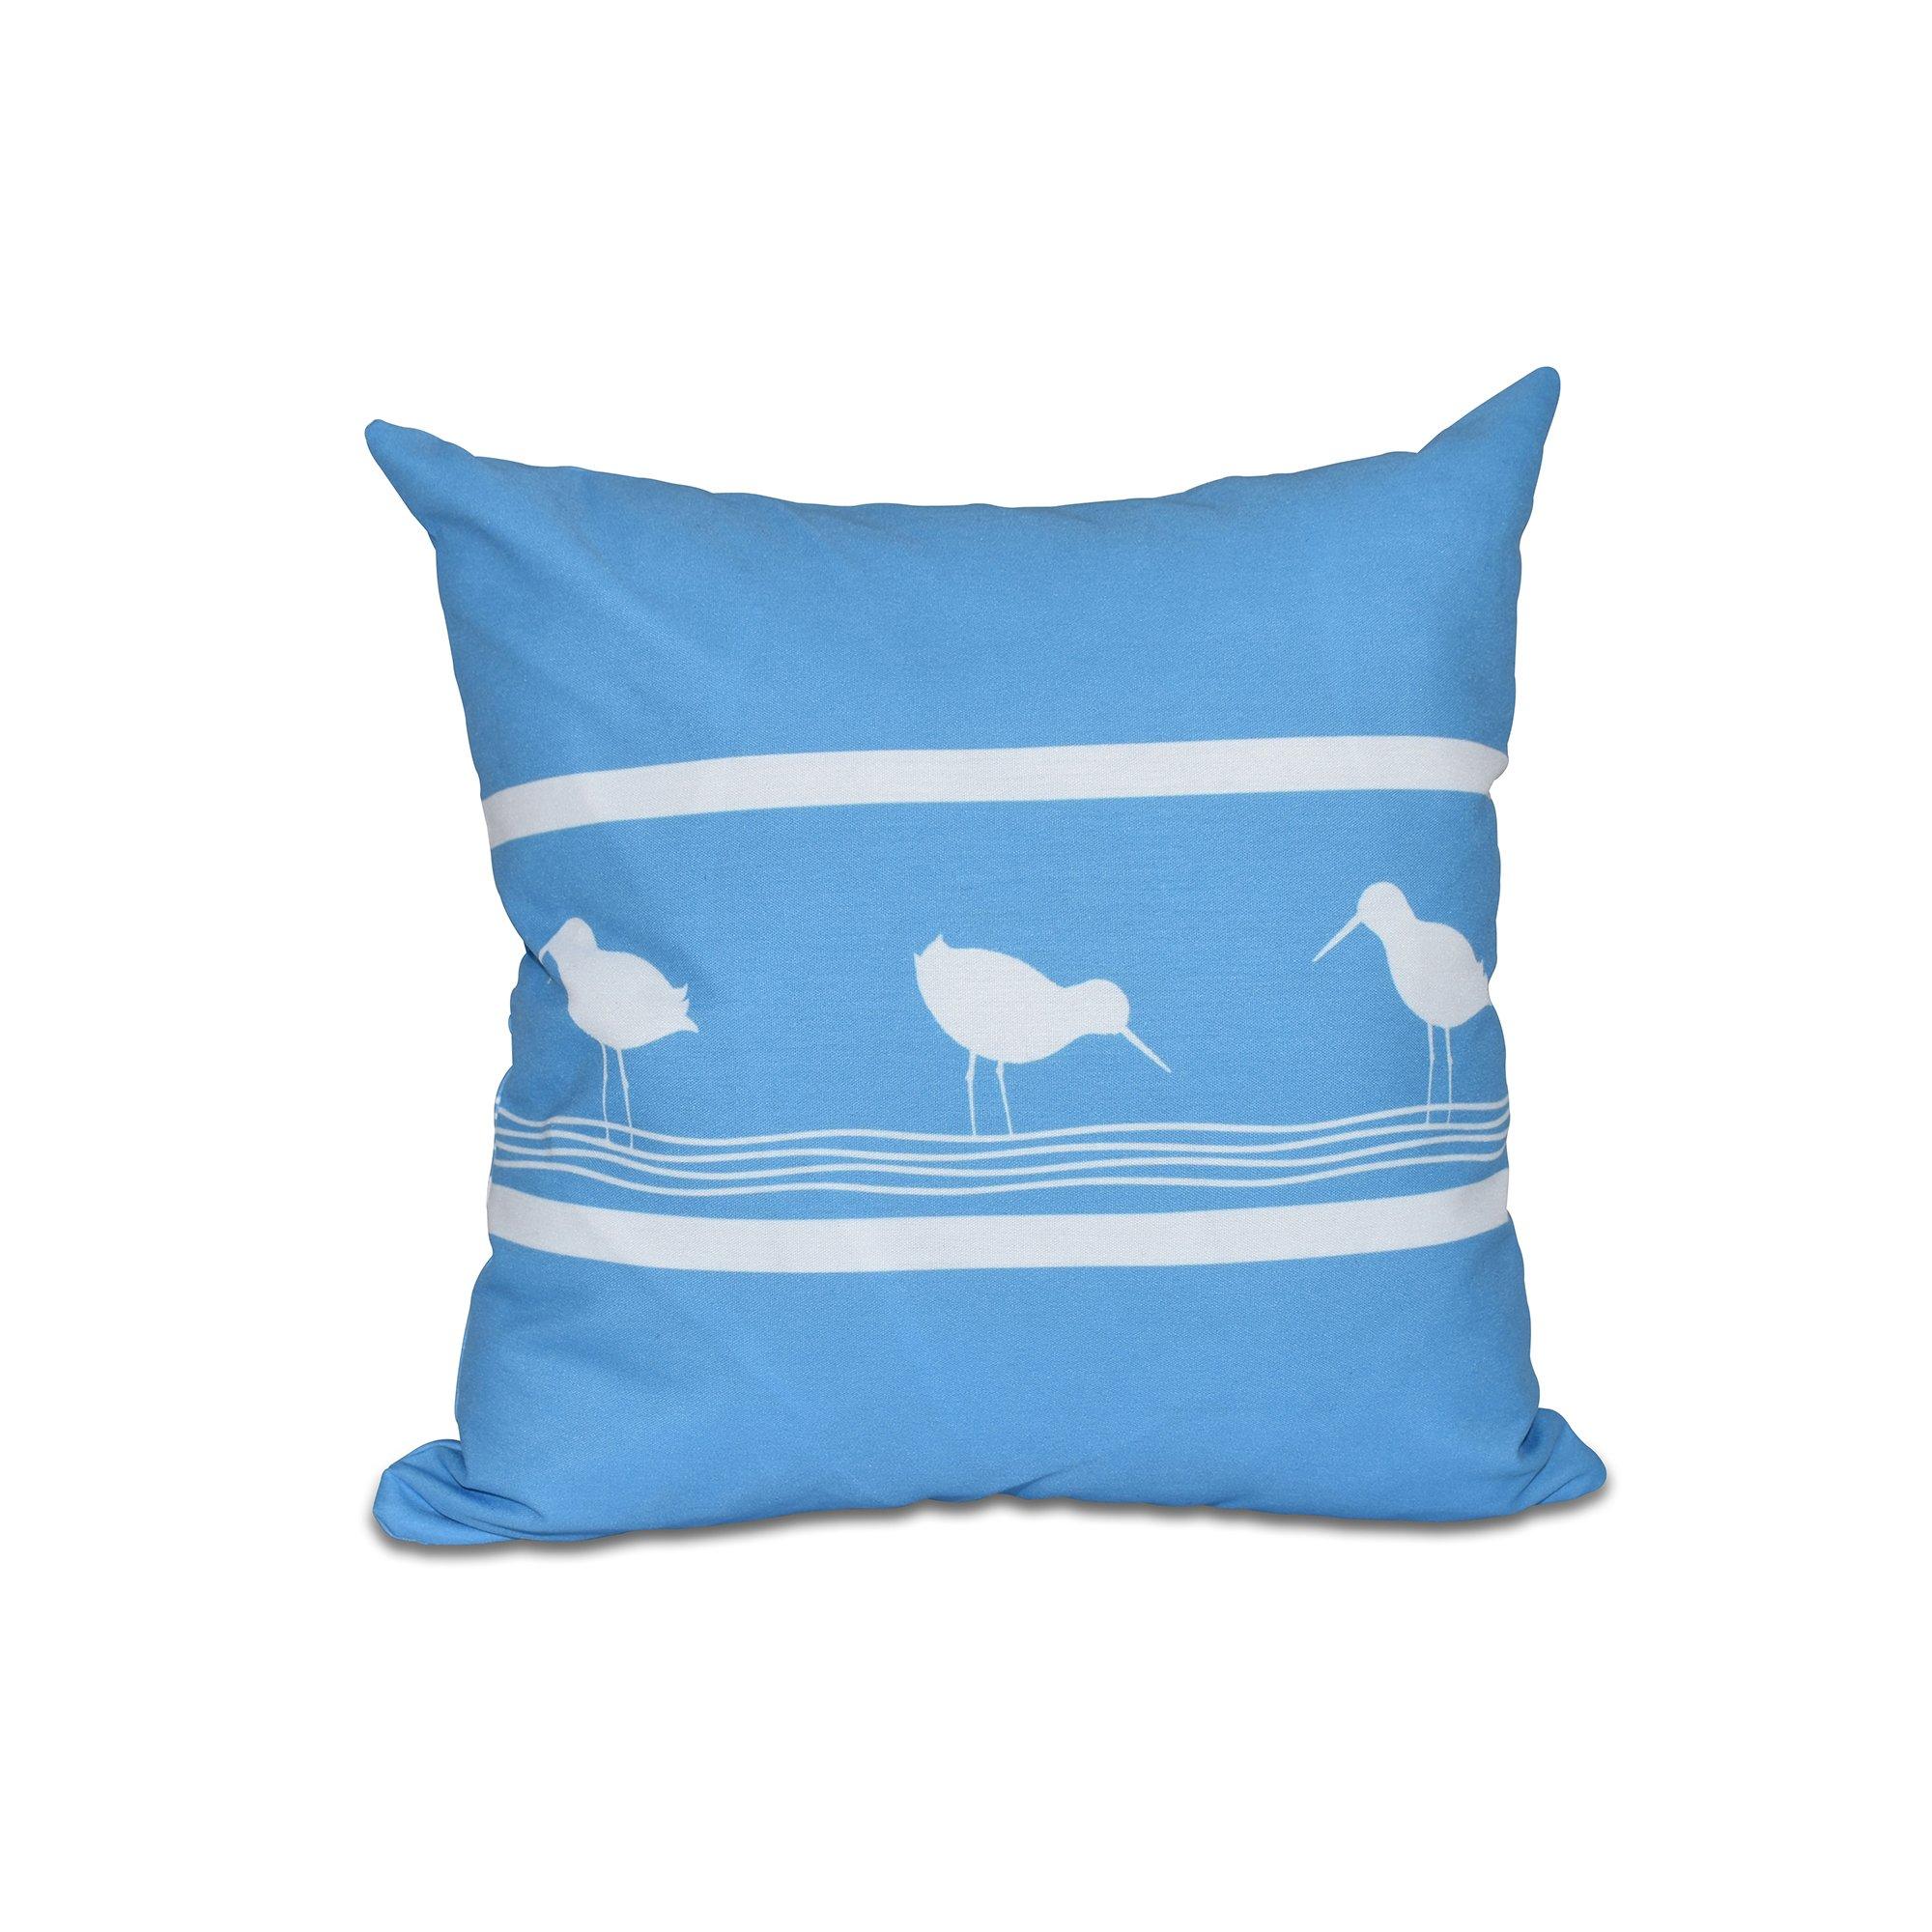 E by design 16 x 16-inch, Birdwalk, Animal Print Pillow, Blue